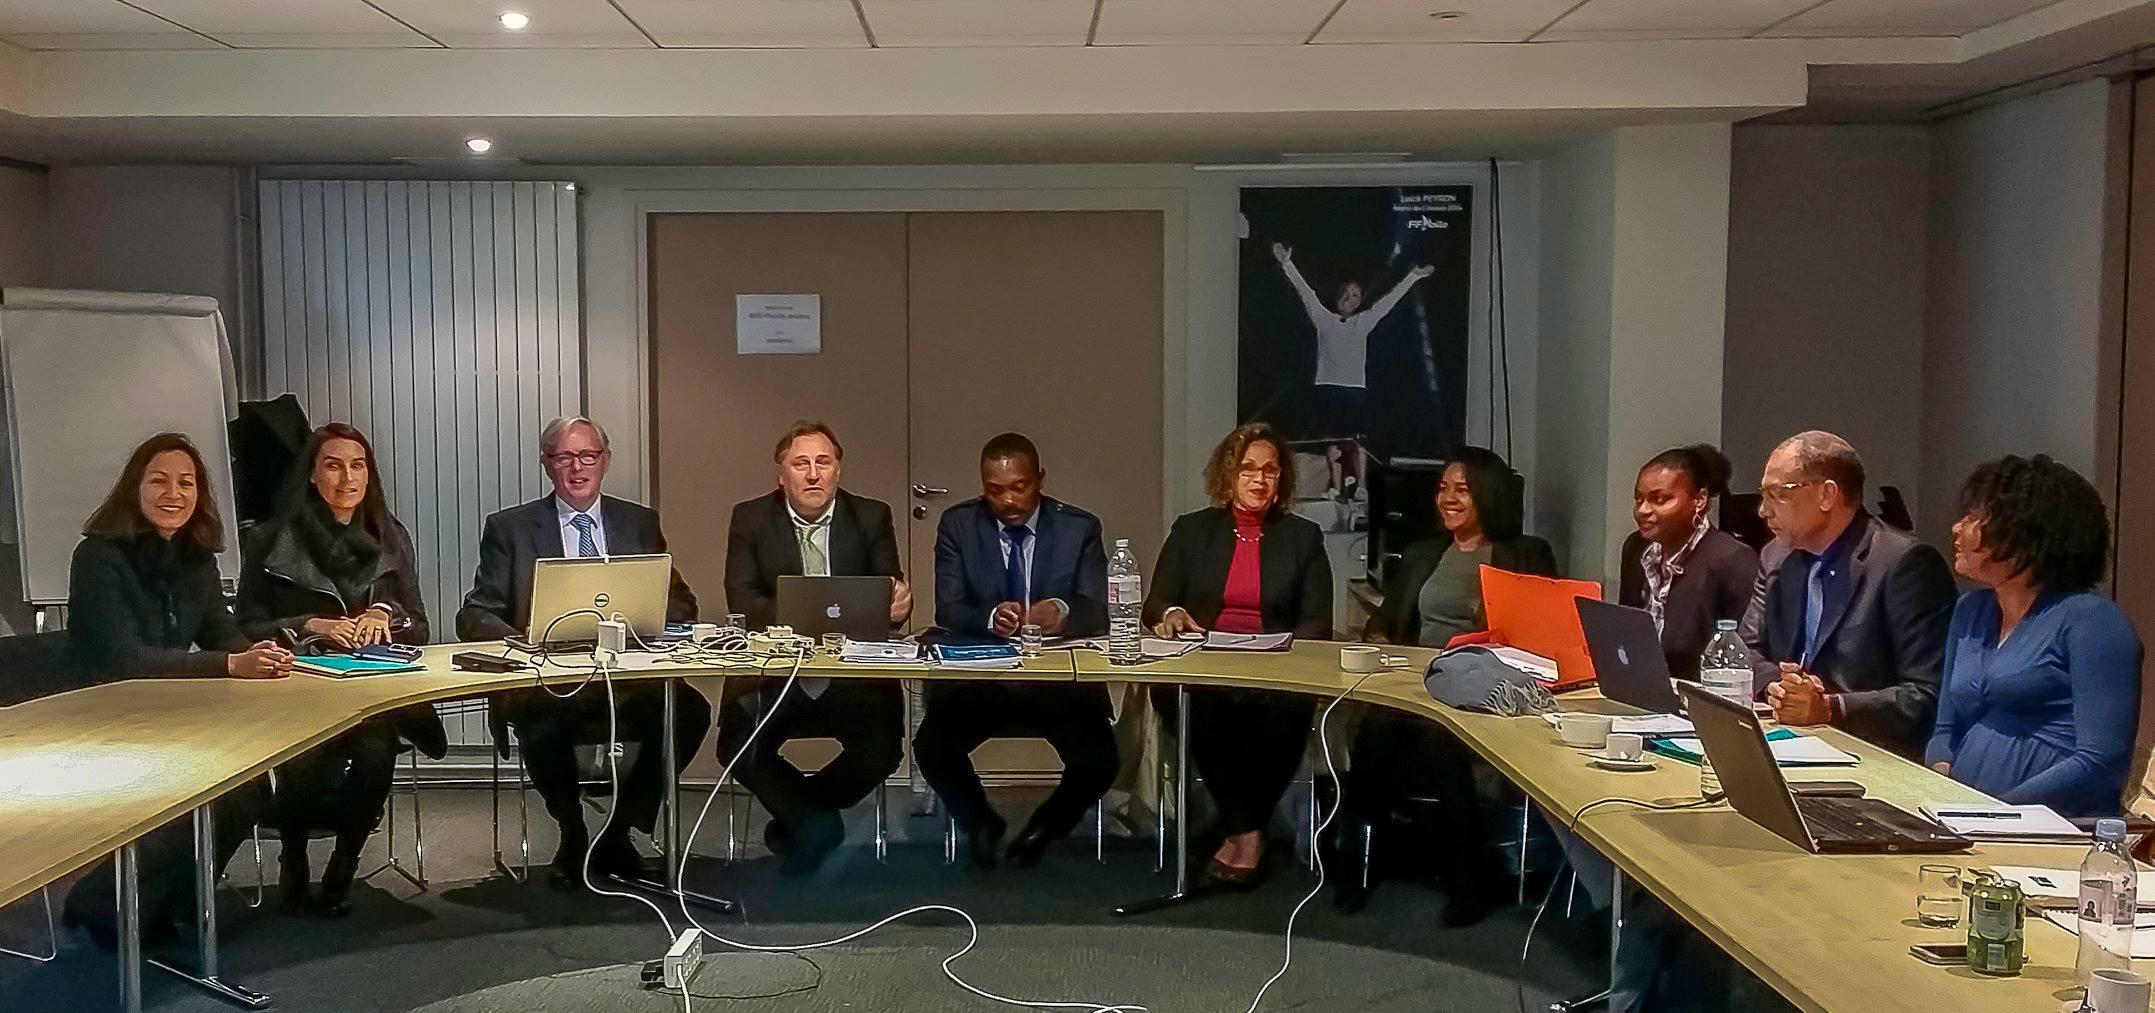 Nautic 2016 – Réunion de travail des partenaires du projet «Odyssea Croissance Bleue et Verte Caraïbes» et Présentation des actions au MAEDI